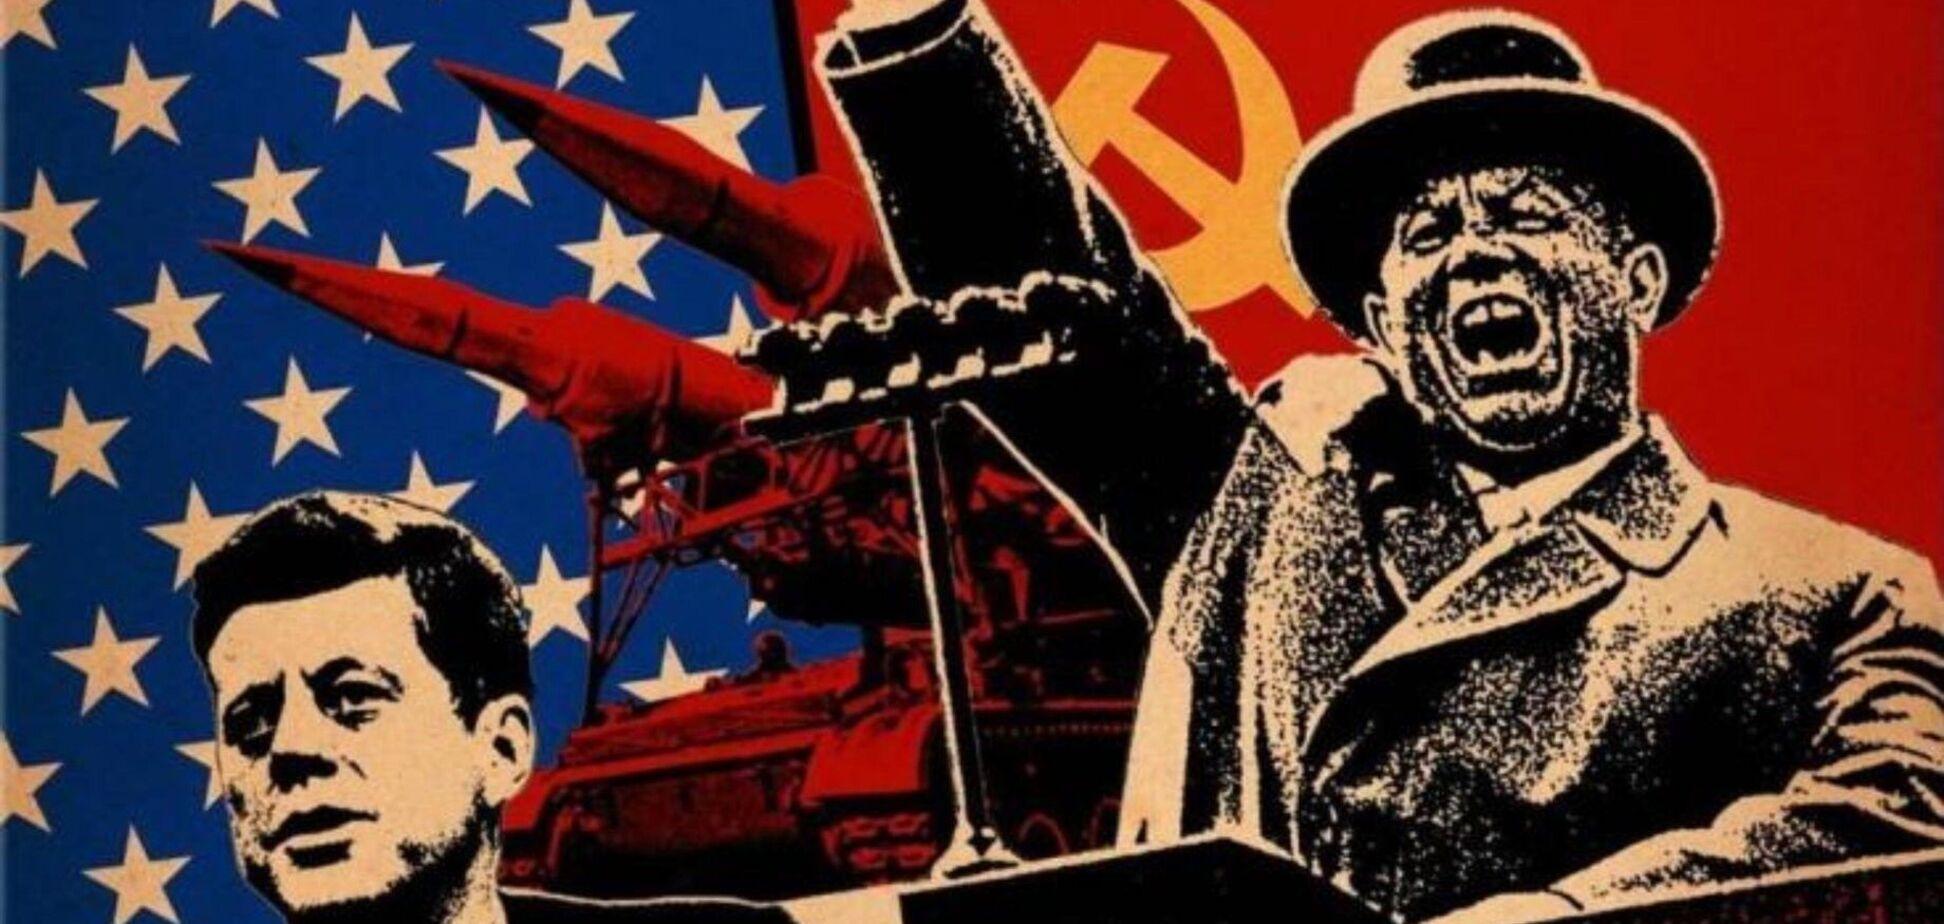 Холодна війна поміж США і Росією тривала в період з 1946 року до кінця 1980-х